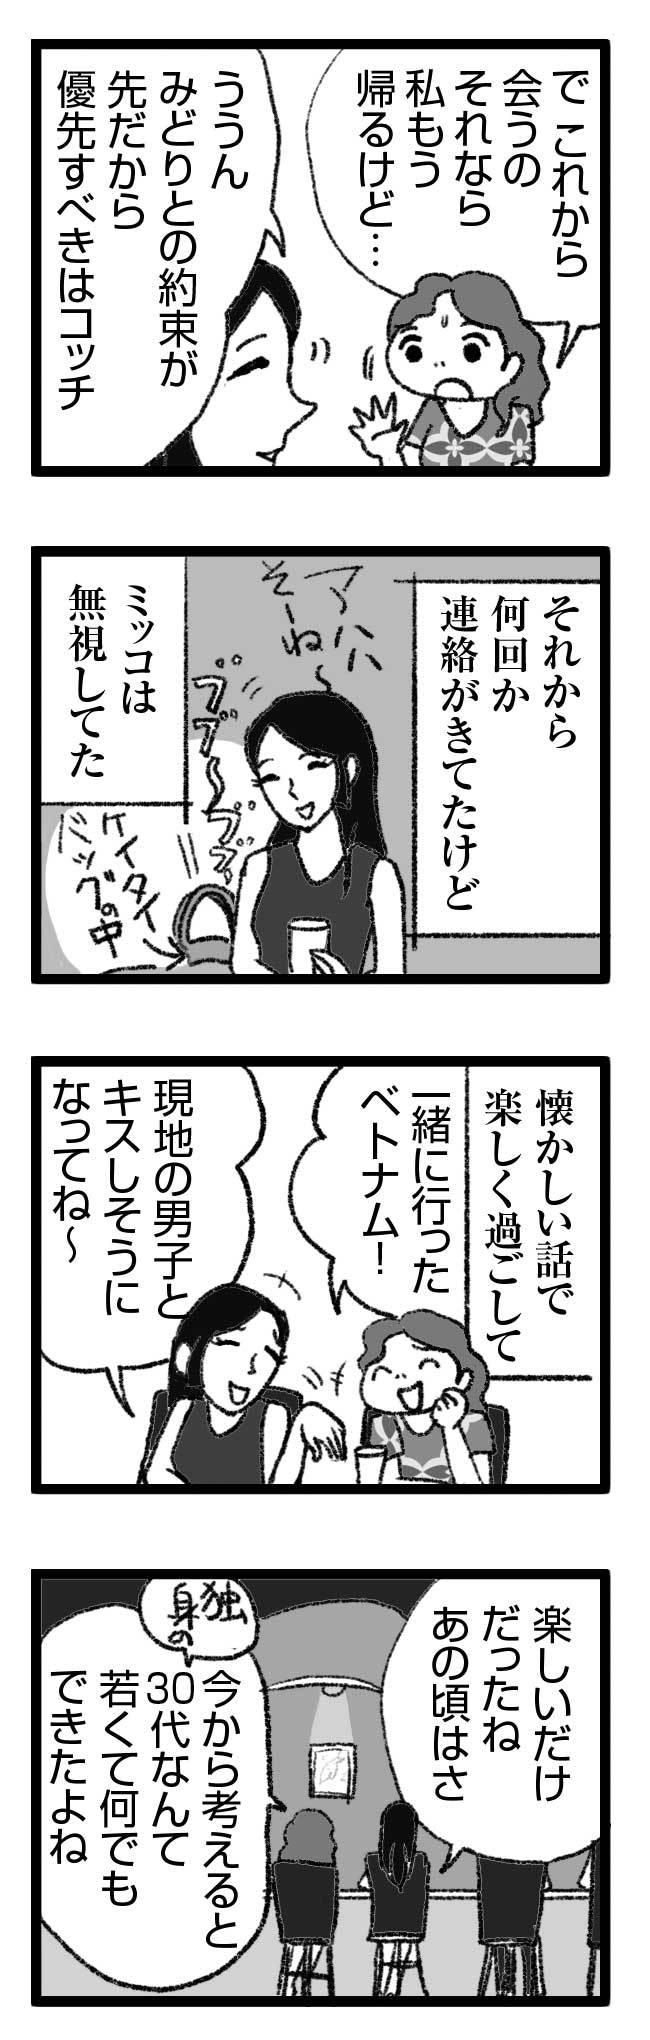 239 不倫と負け婚6_1 婚活 恋活 不倫 元彼 職場 ふりん まんが 漫画 マンガ